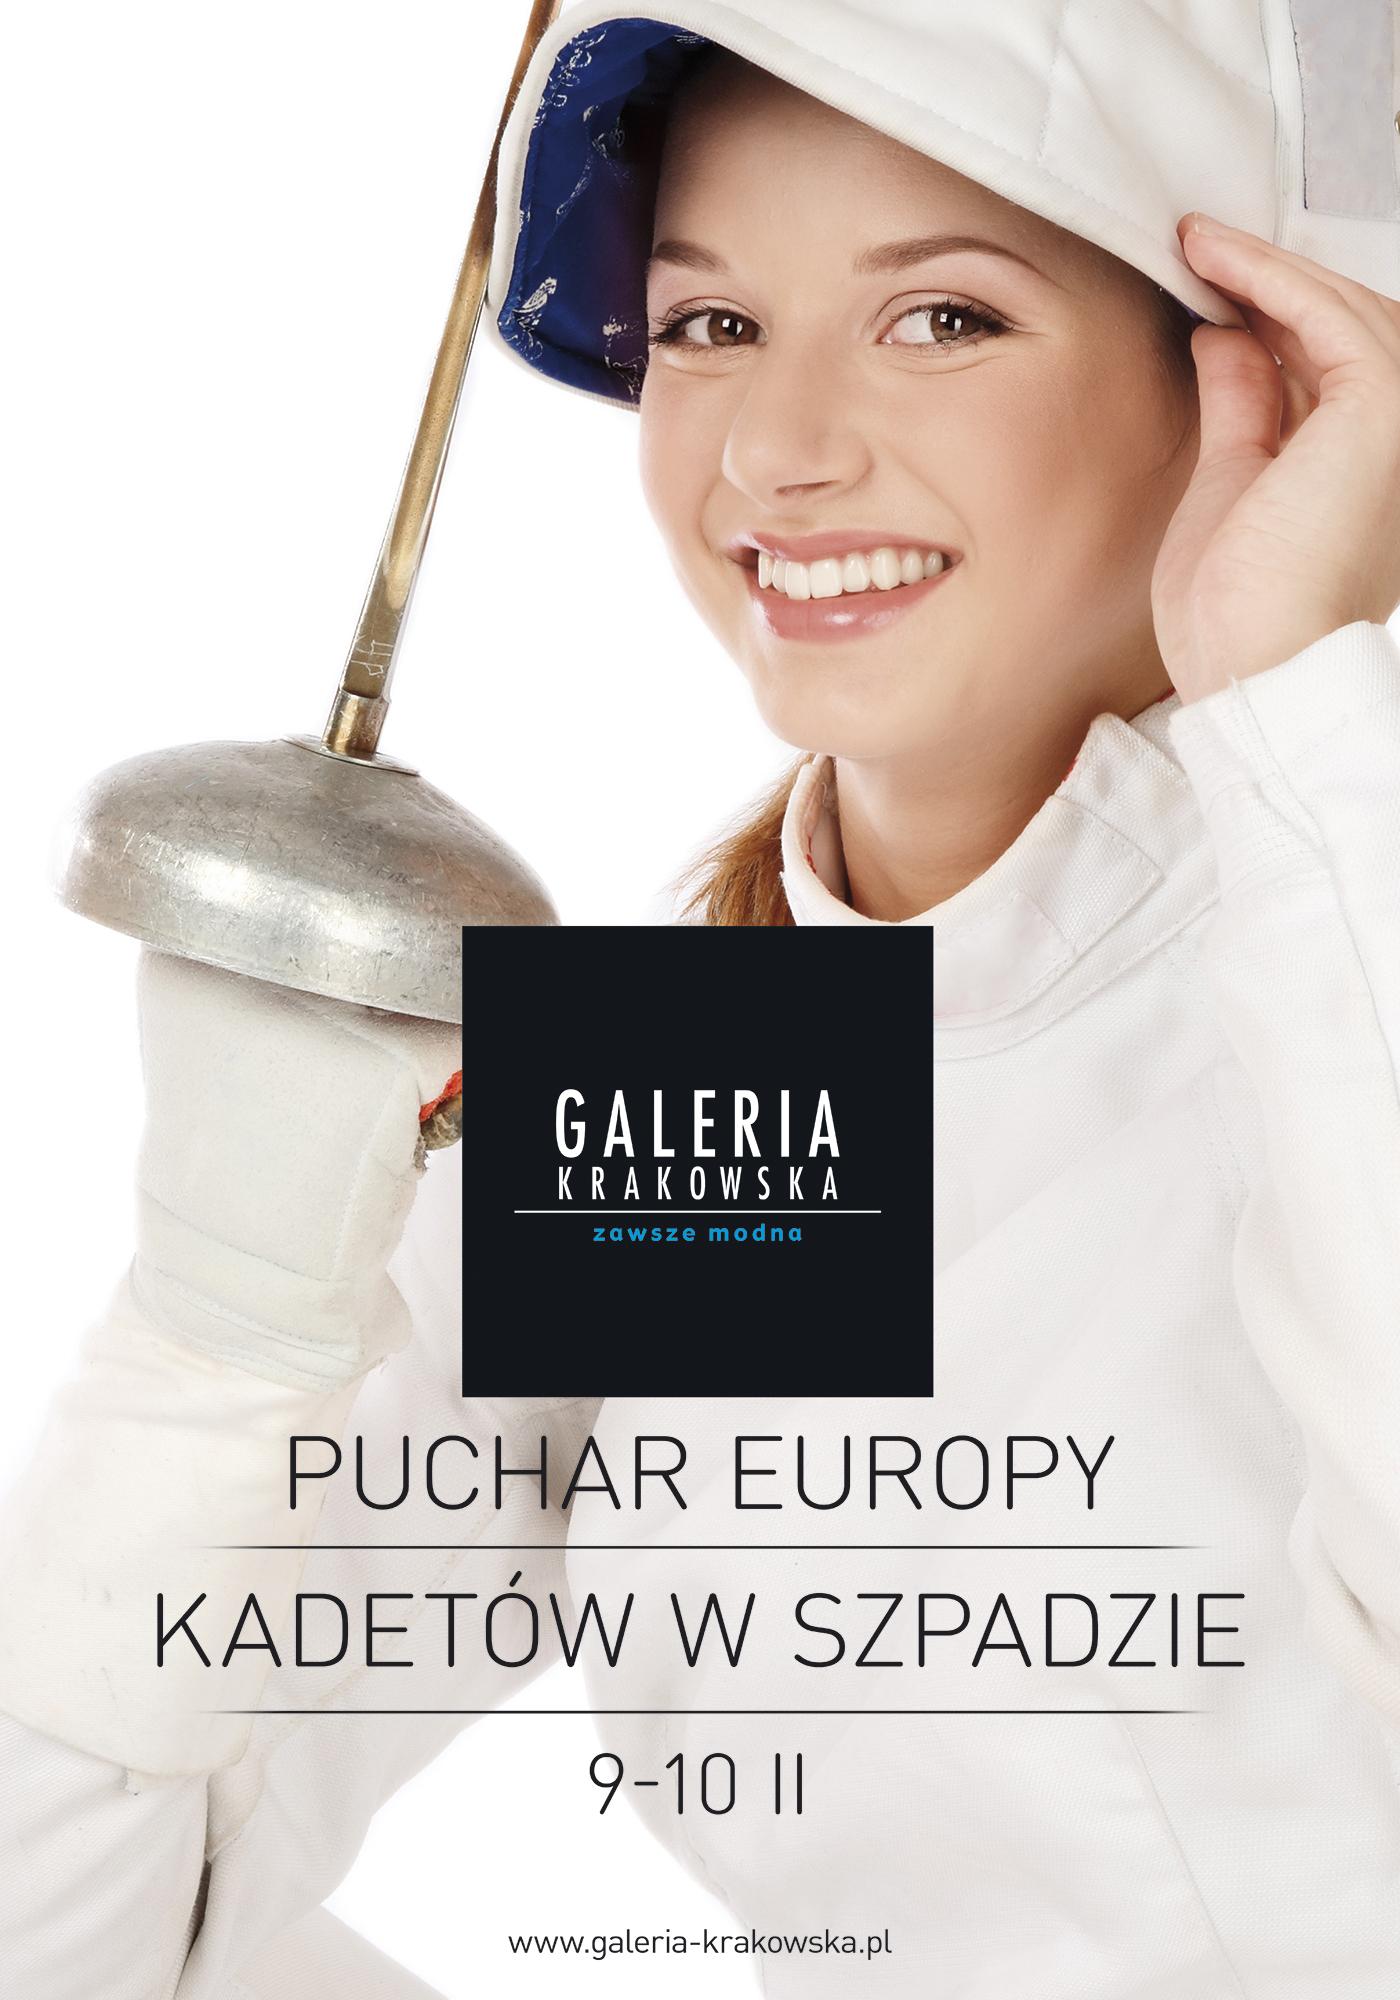 Mistrzowskie pchnięcie Puchar Europy Kadetów w Szpadzie w Galerii Krakowskiej